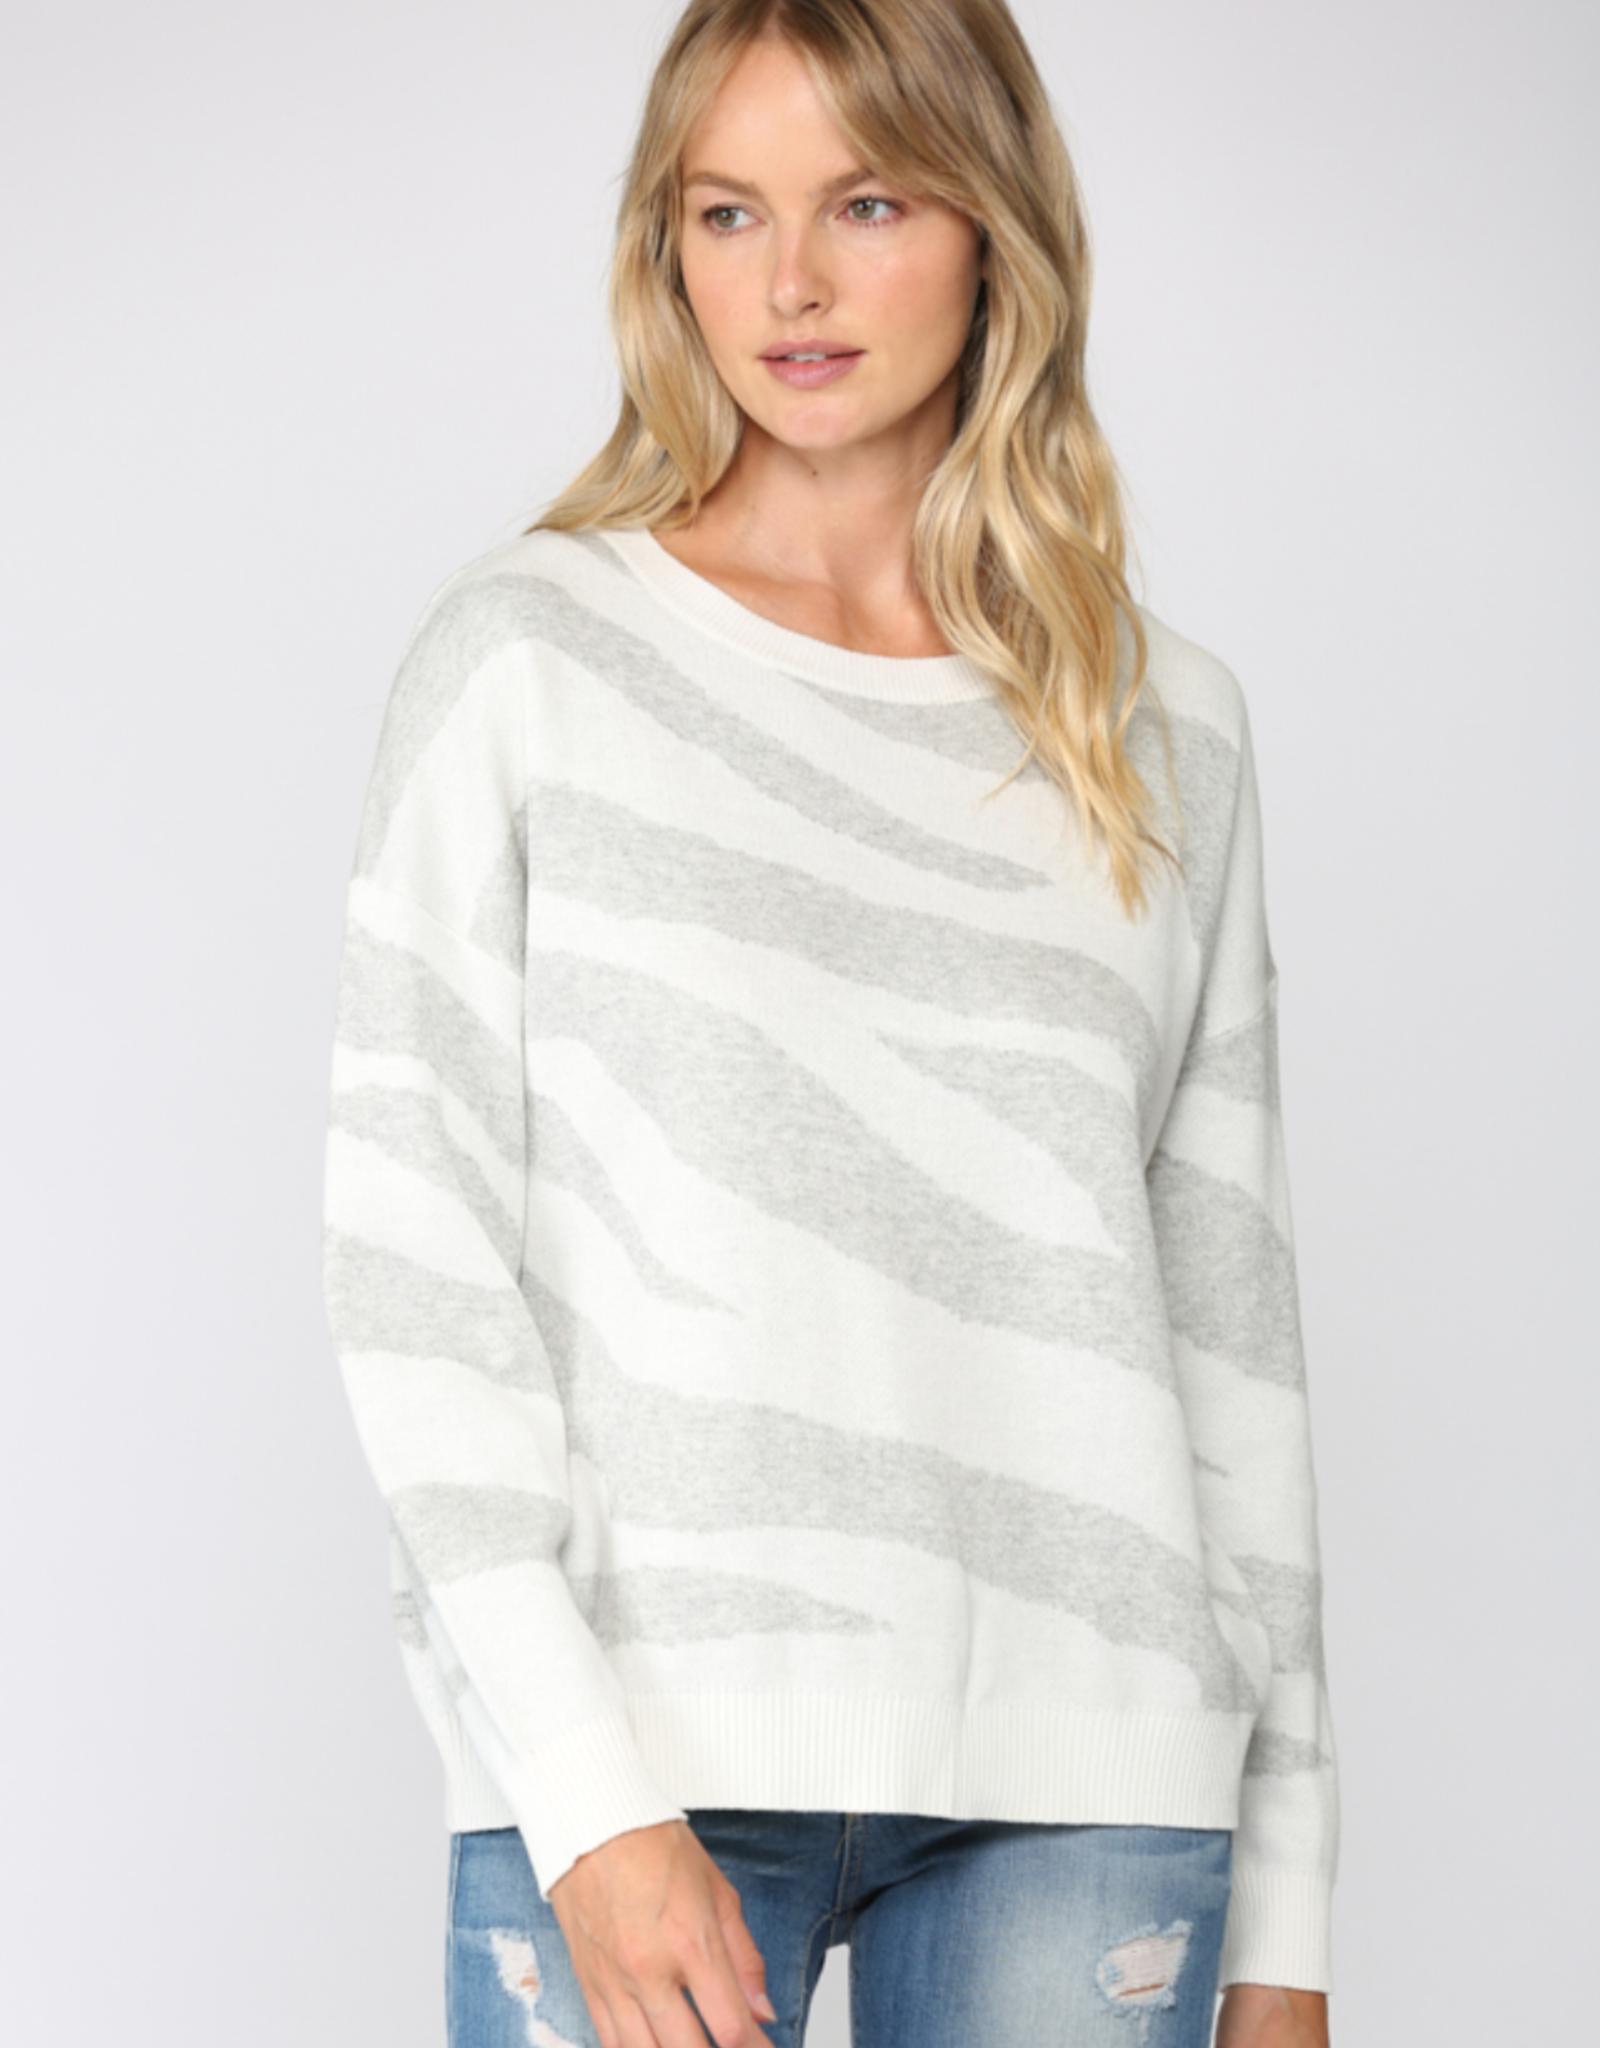 Zebra Knit Sweater